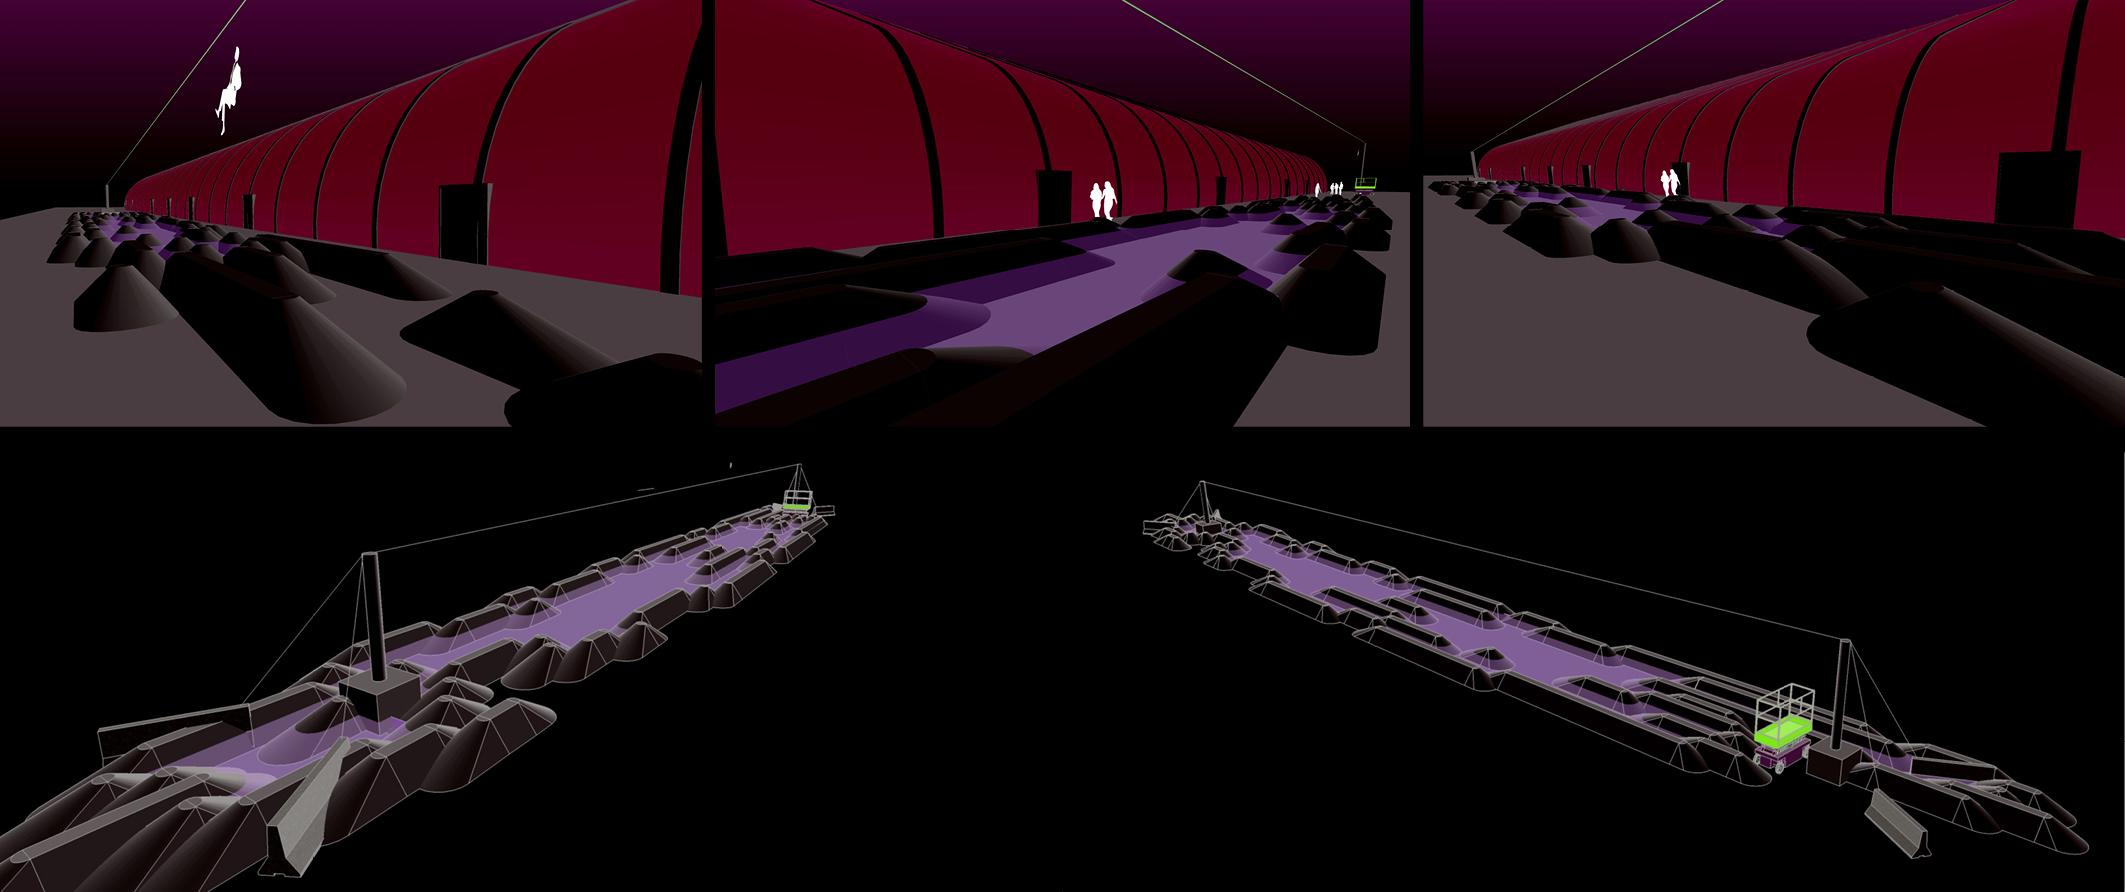 Fletcherstudio Web-Exhibitions-xAirport8.jpg